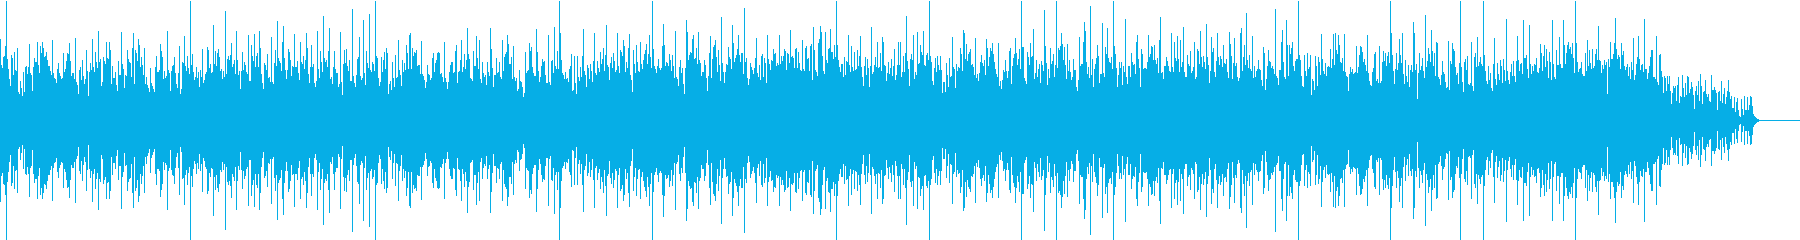 ボッサ/トロピカルサウンド/暖かい癒しの再生済みの波形